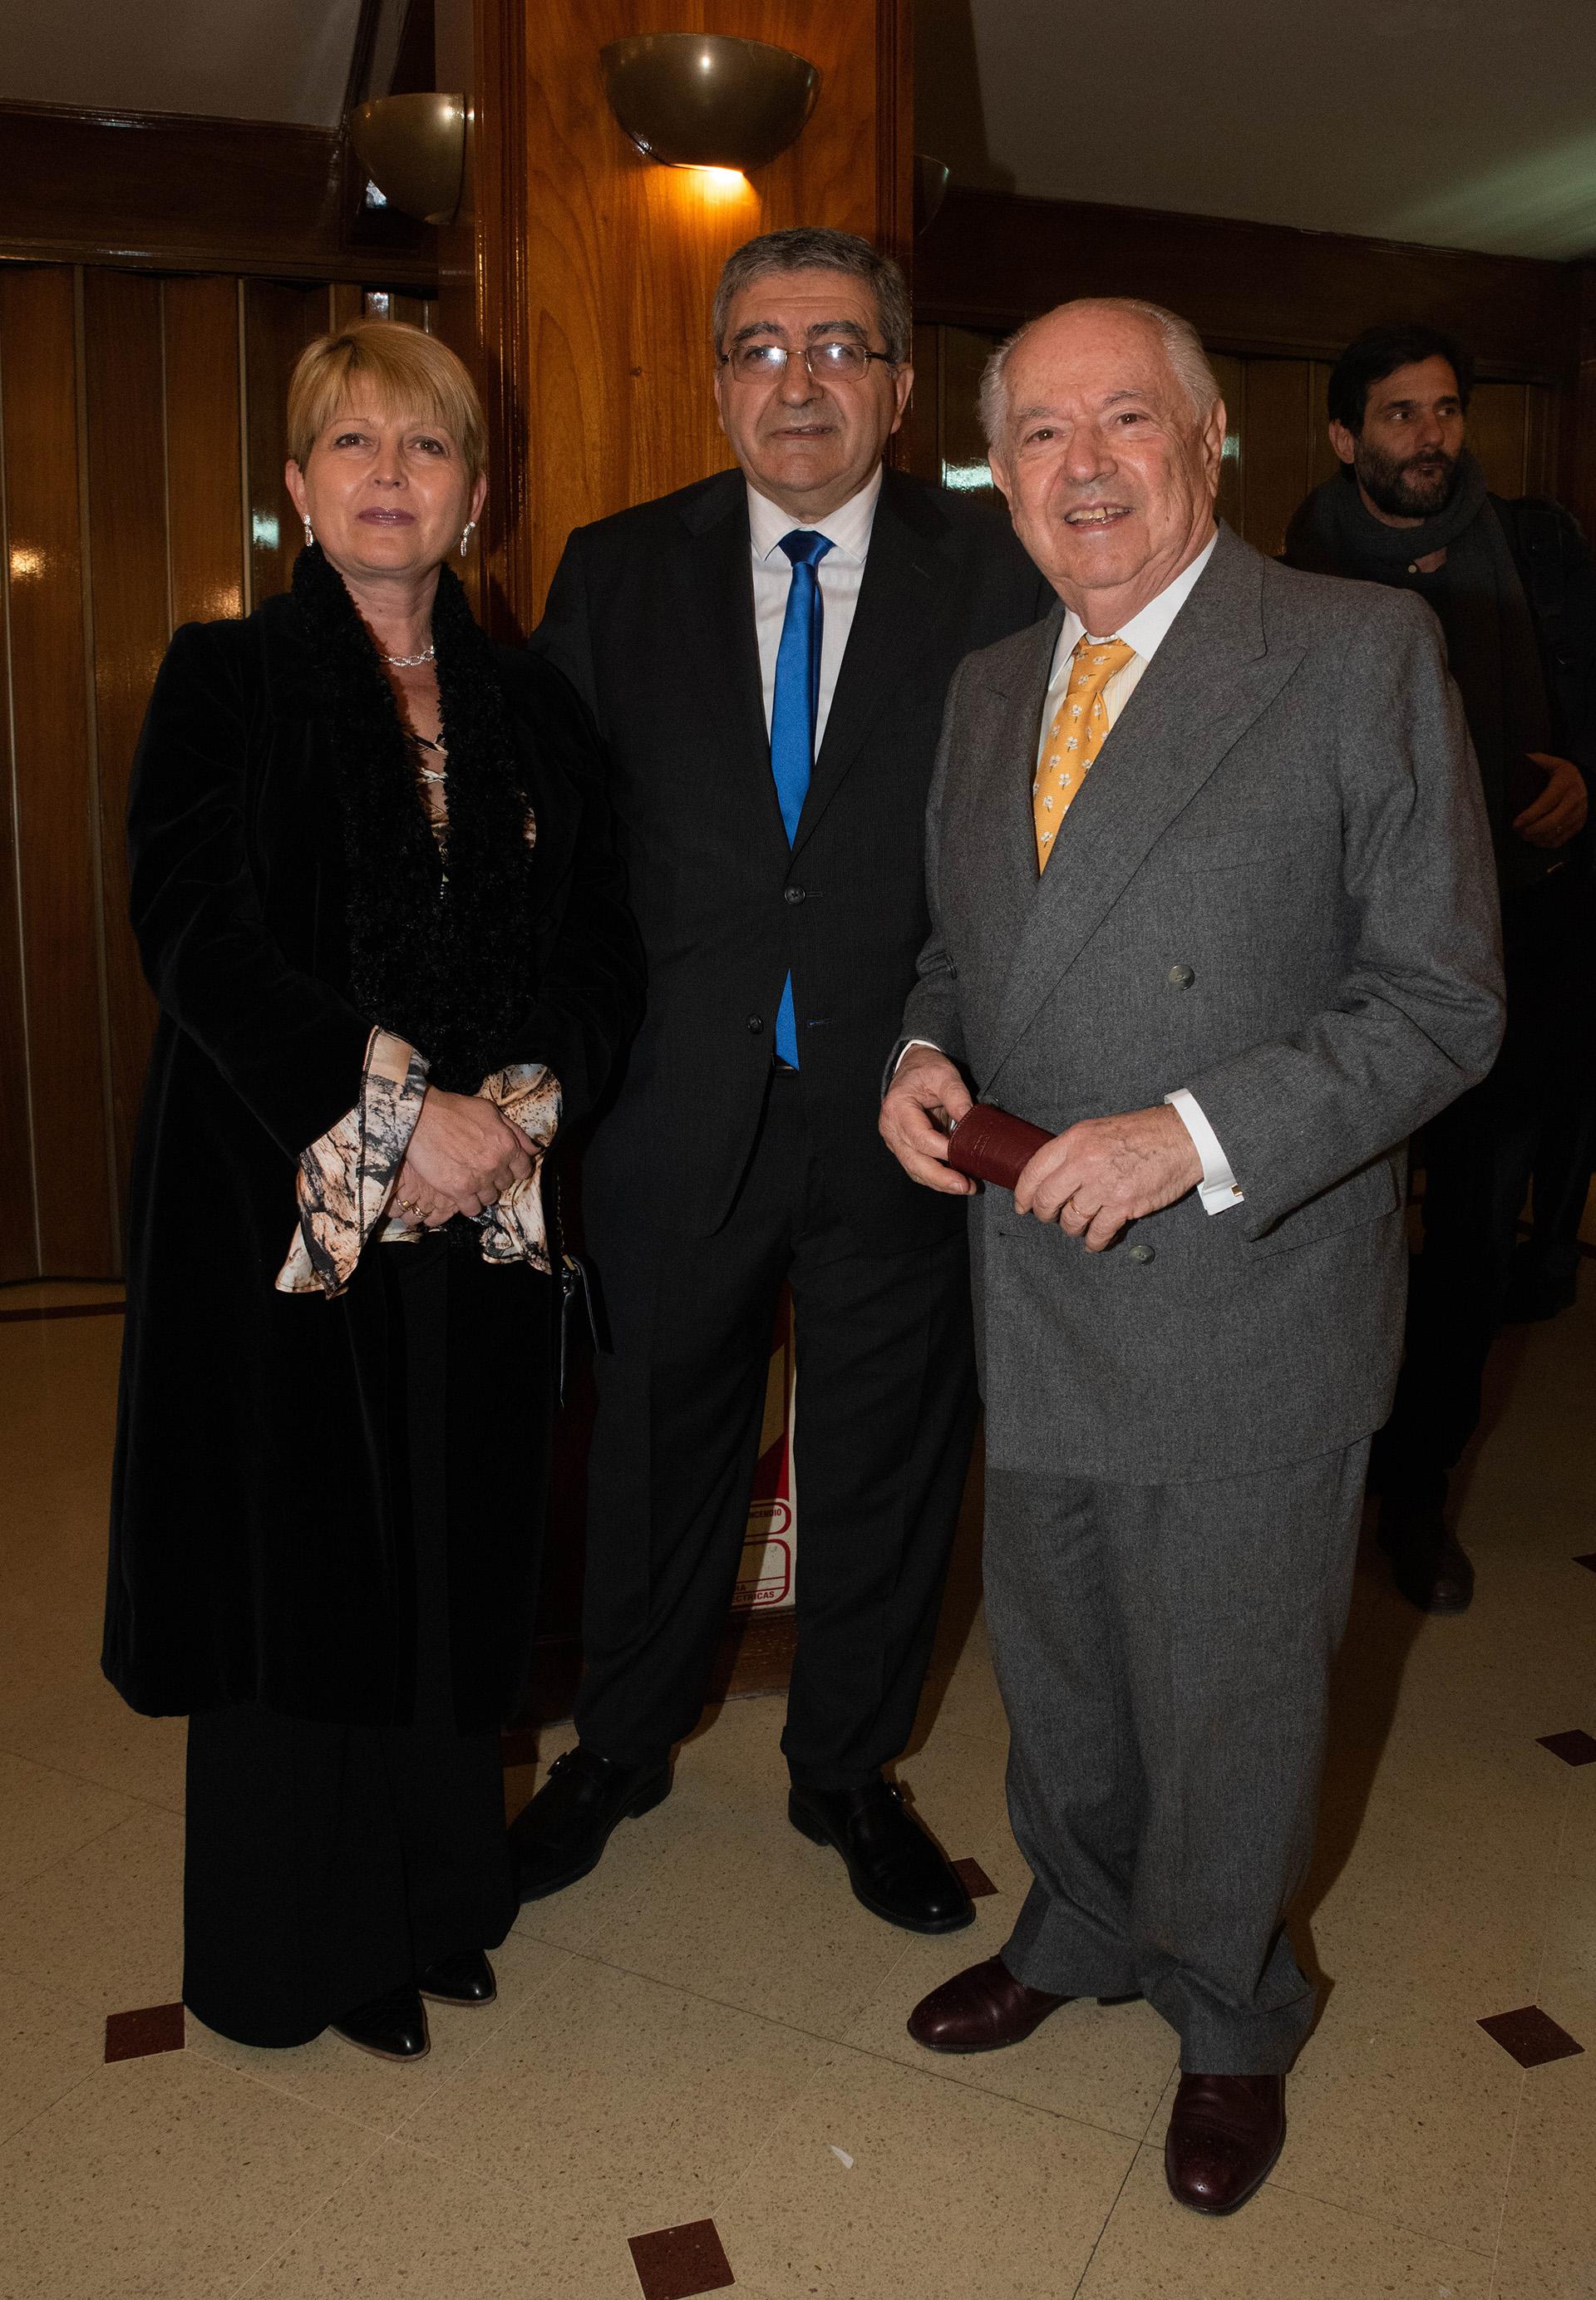 Miguel Ortiz Pellegrini, convencional constituyente, con su esposa y Carlos Corach